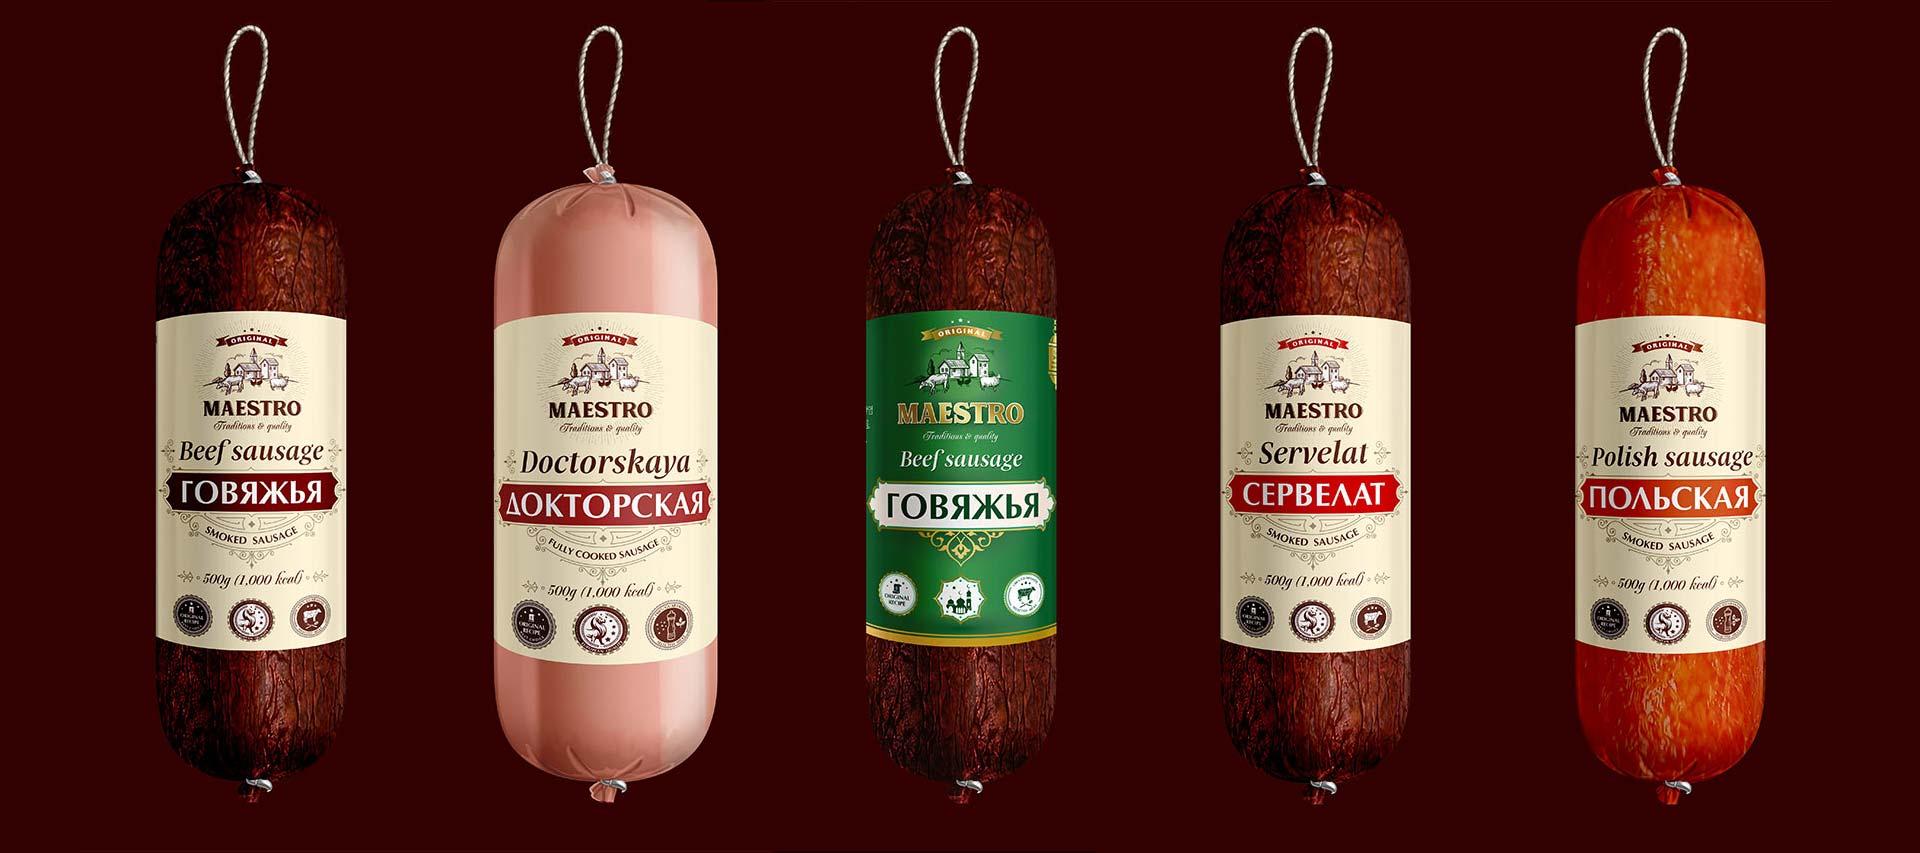 sausage packaging design